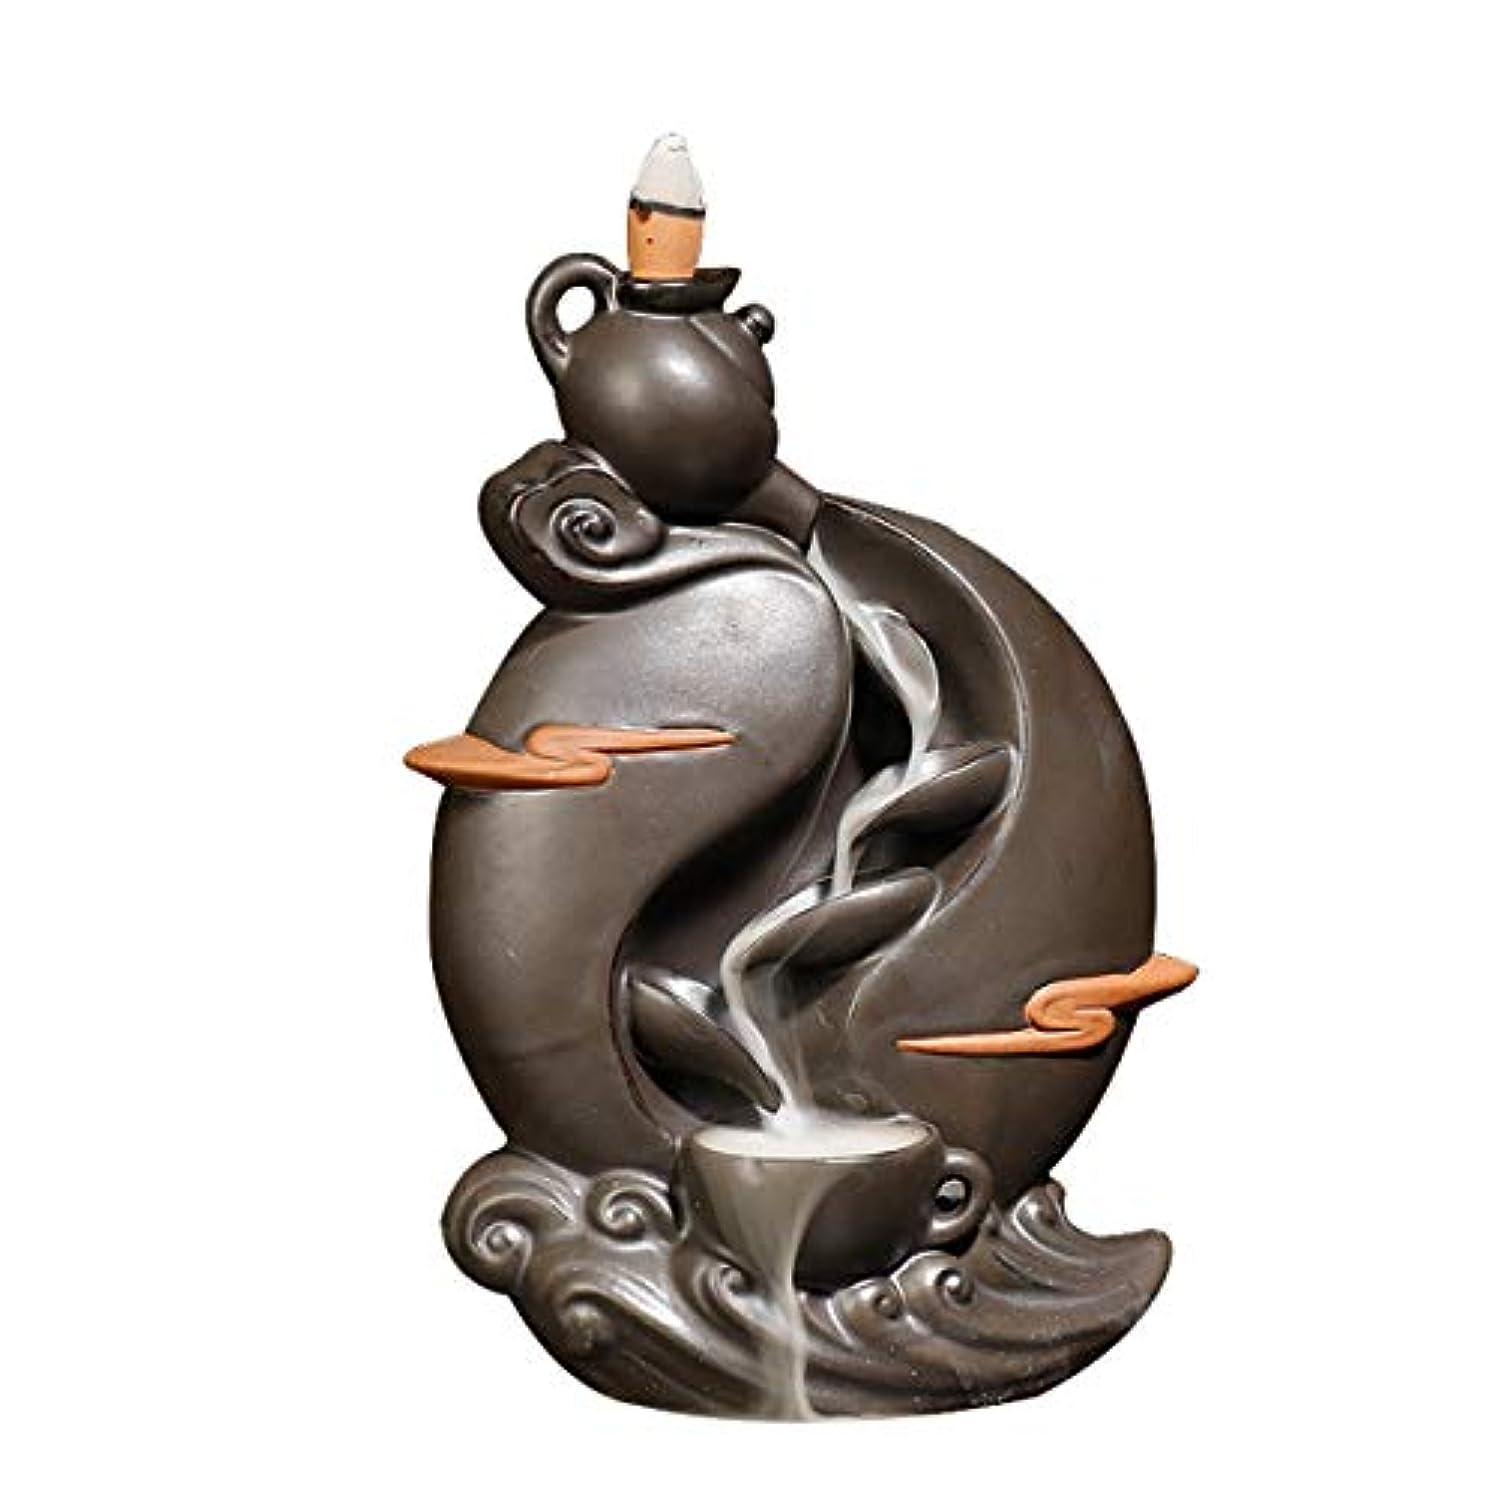 ベギン噴水失態装飾用装飾品10個入り逆流香コーン付き逆流香バーナー、ホームセラミック逆流香コーンホルダーバーナー